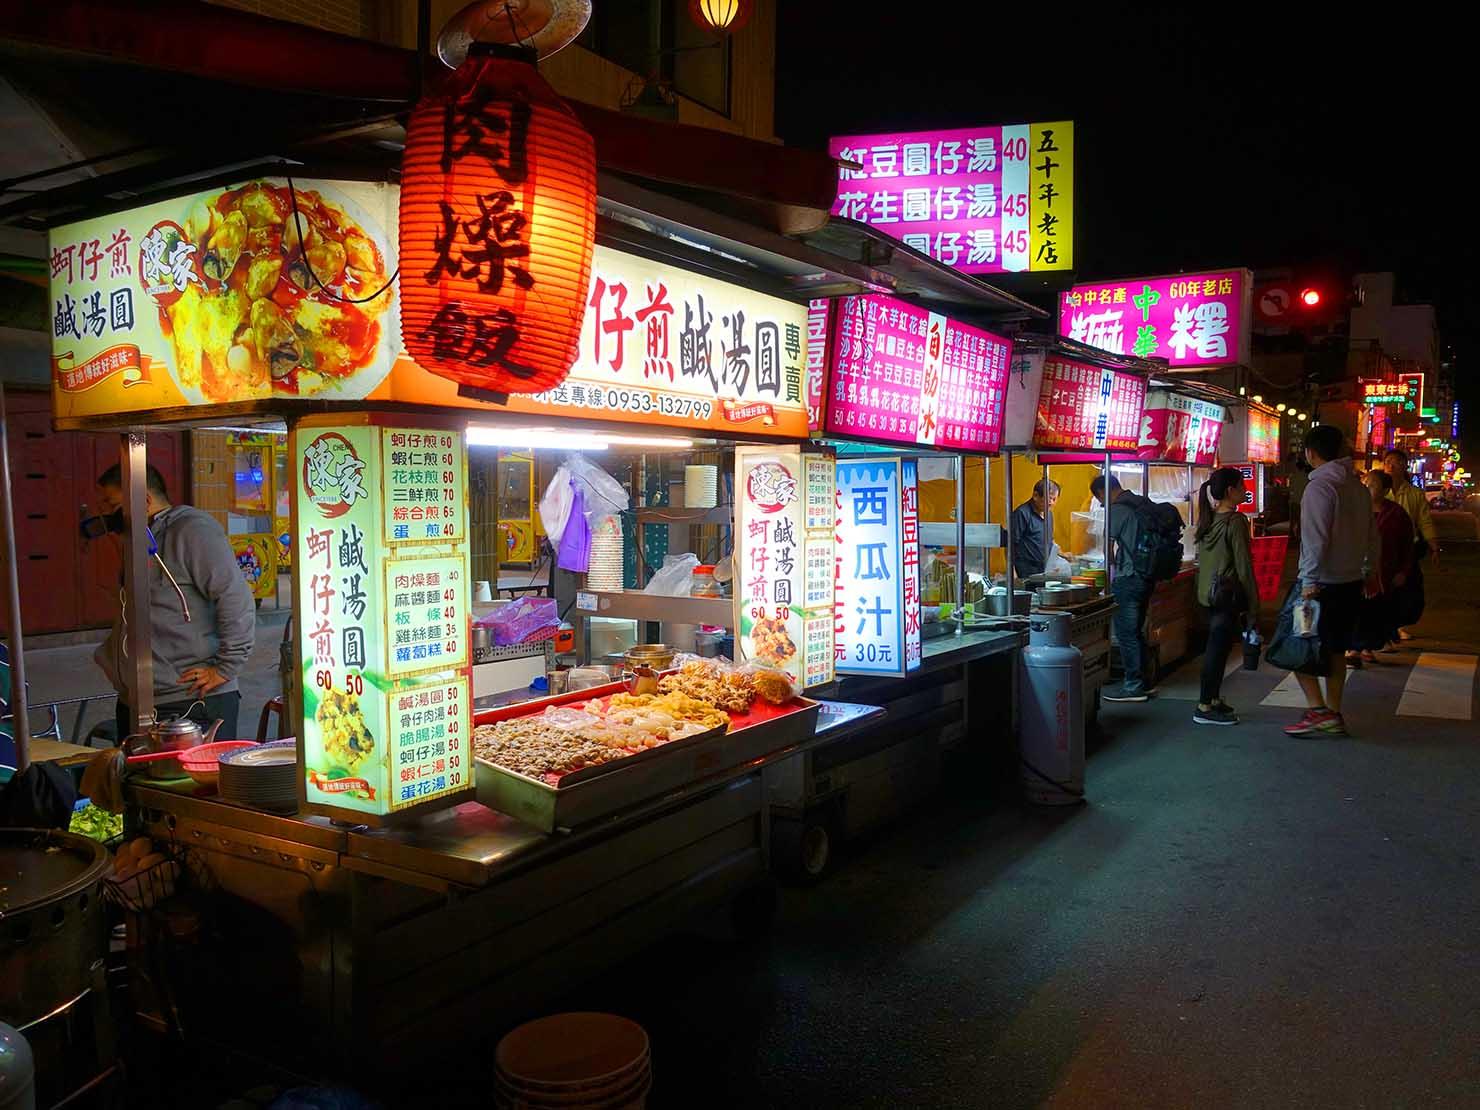 台中駅徒歩10分のリーズナブルなおすすめミニホテル「光原宿 Light House」最寄りの夜市「中華路夜市」